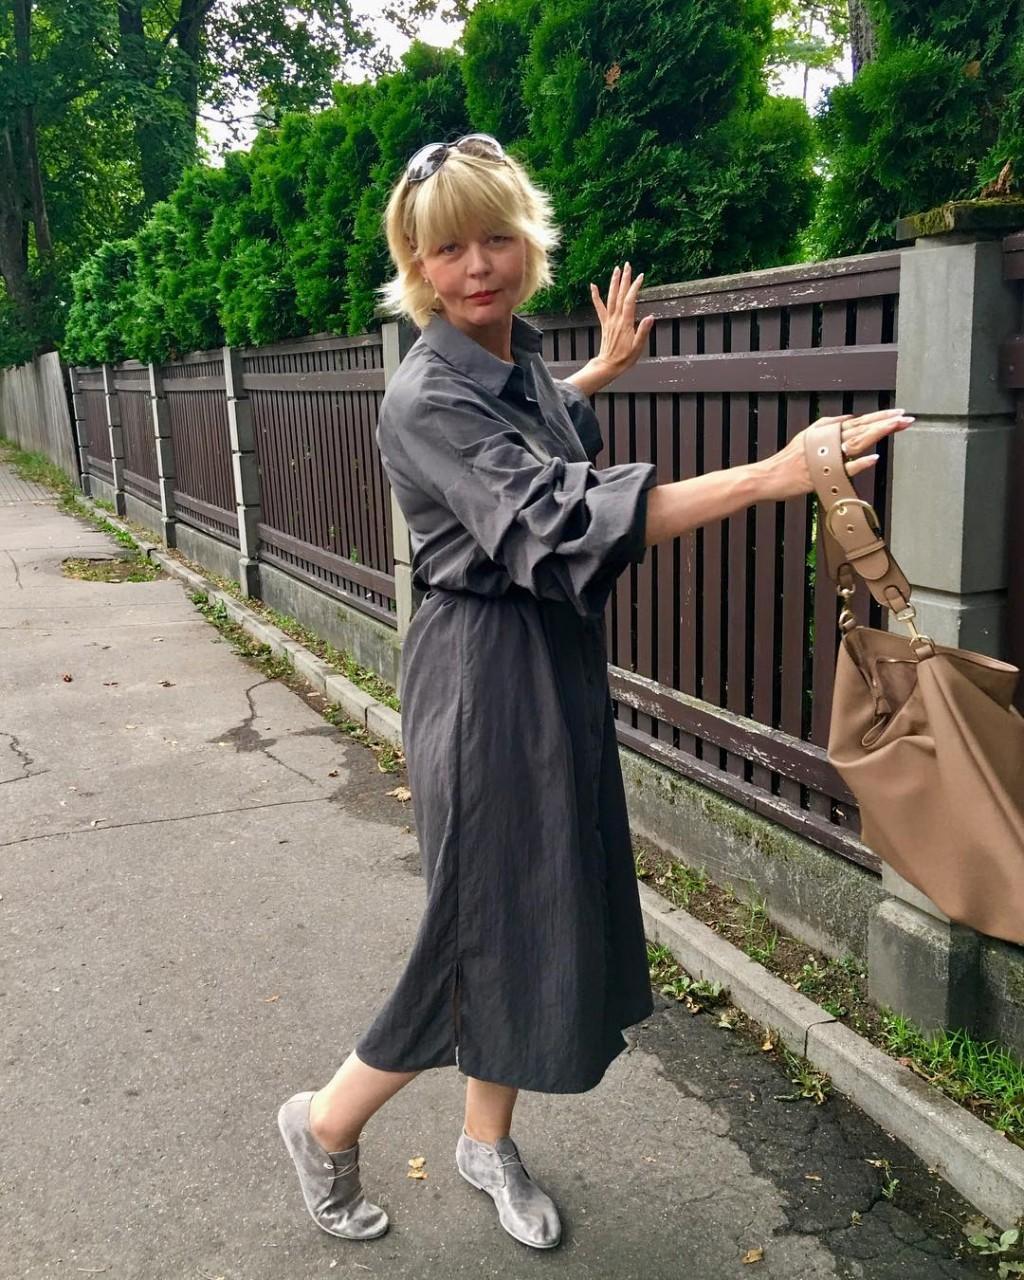 49-летняя Юлия Меньшова дала отпор критикам ее внешности, показав умопомрачительную фотографию